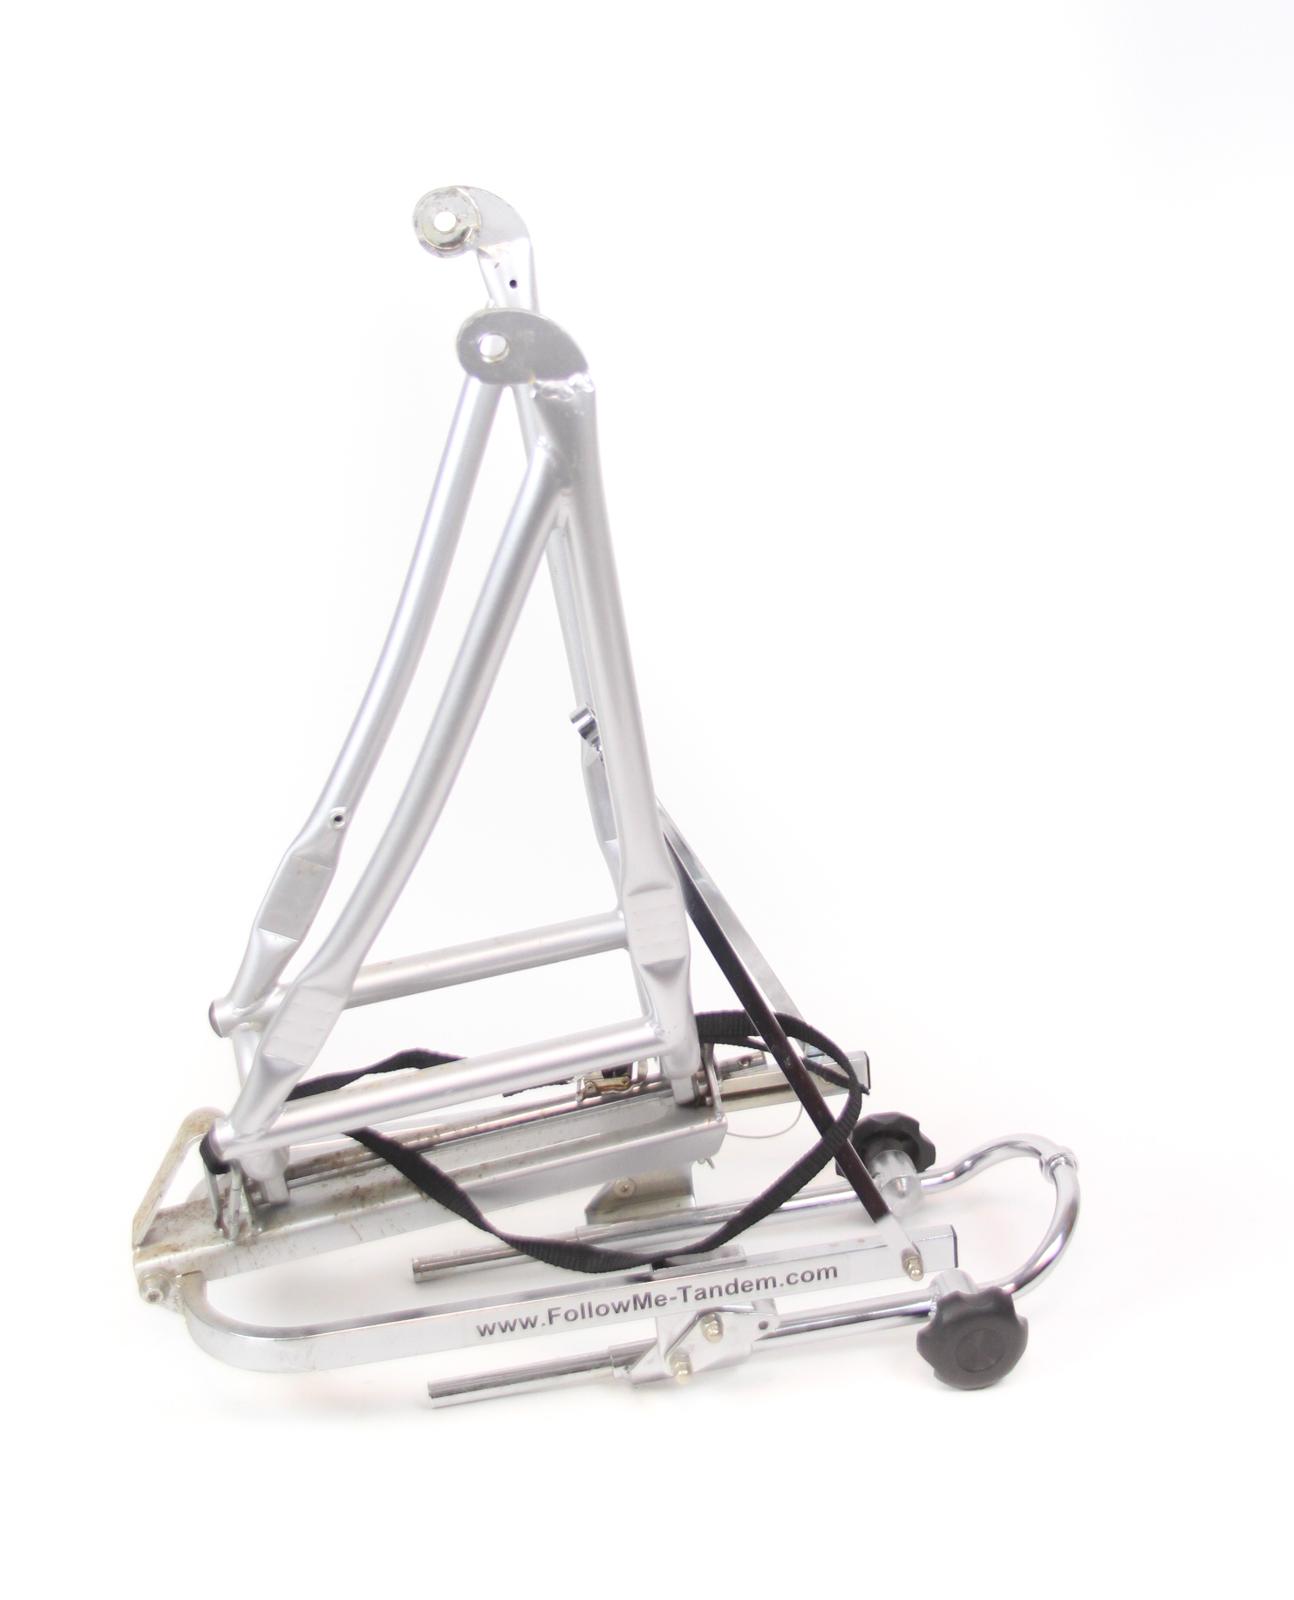 follow me tandem eltern kind kupplung fahrrad 12 20 zoll. Black Bedroom Furniture Sets. Home Design Ideas